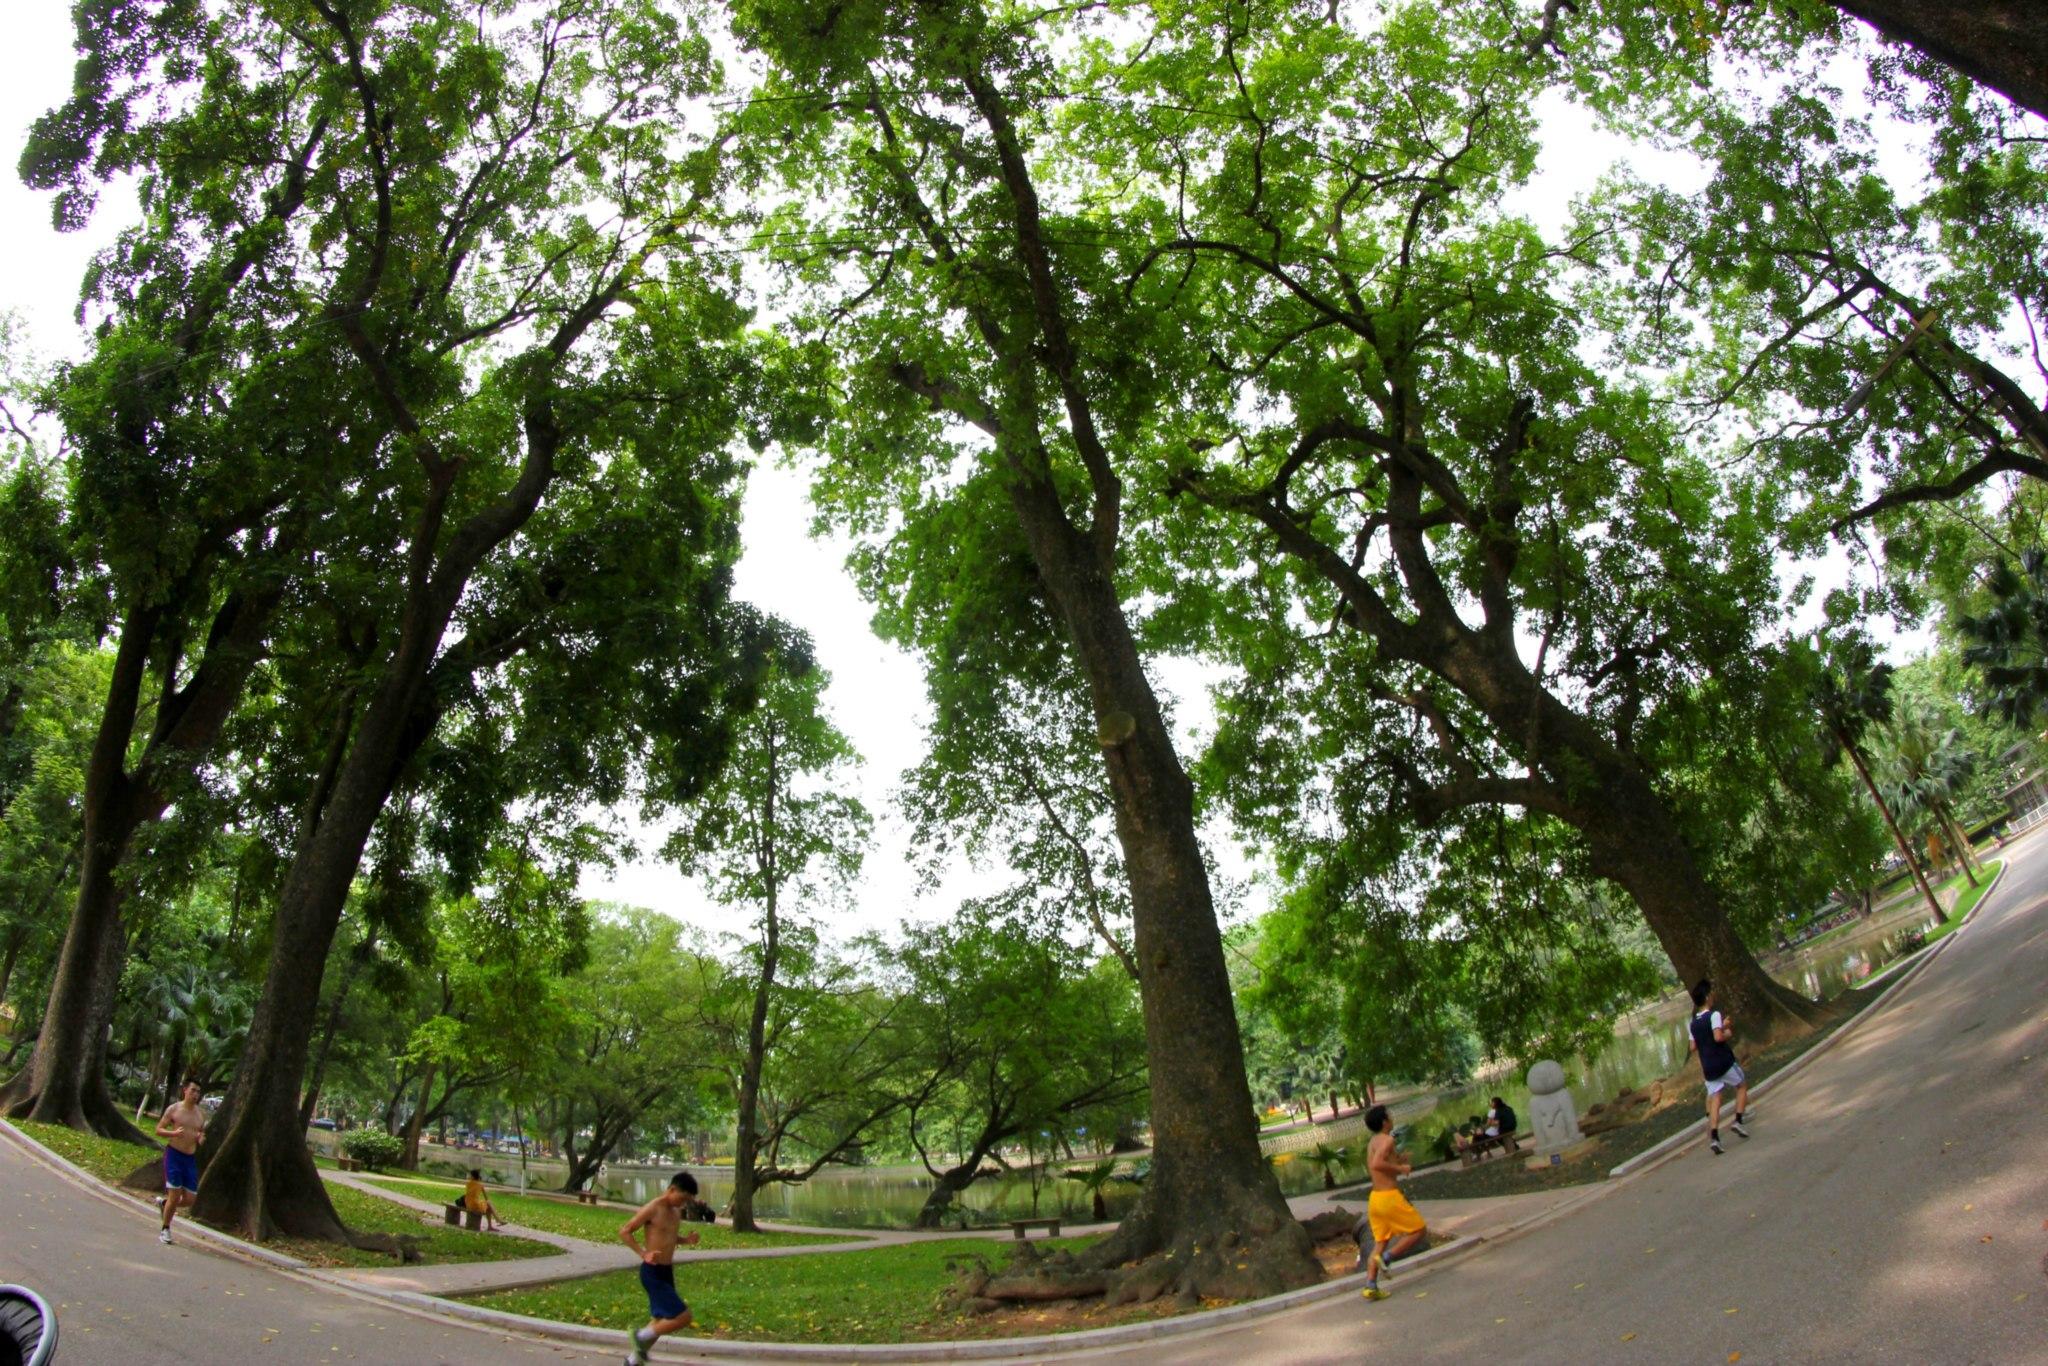 Công viên Bách Thảo với rất nhiều cây cổ thụ lớn